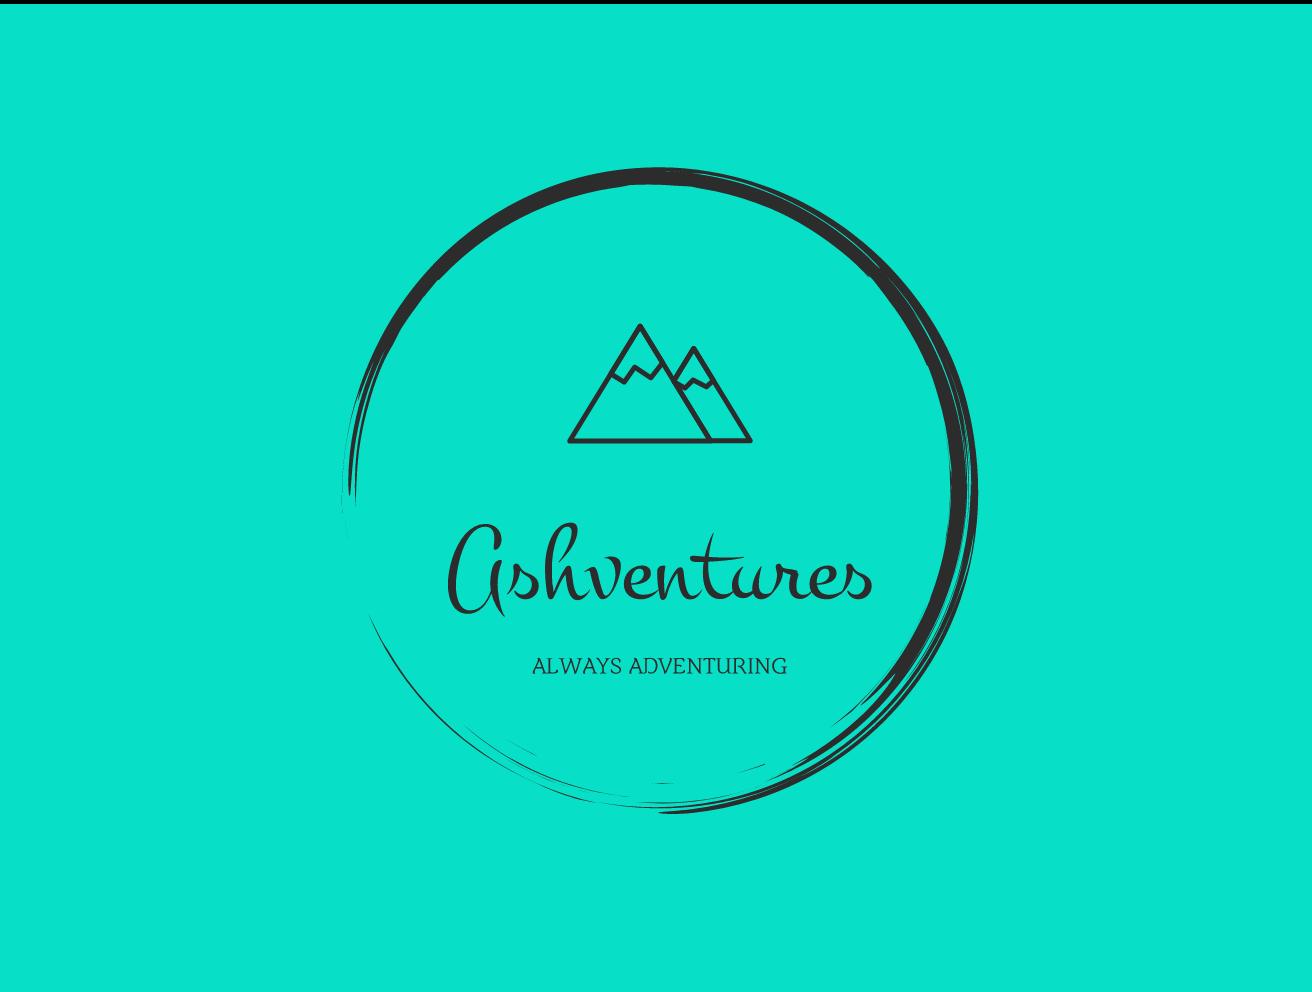 Ashventures